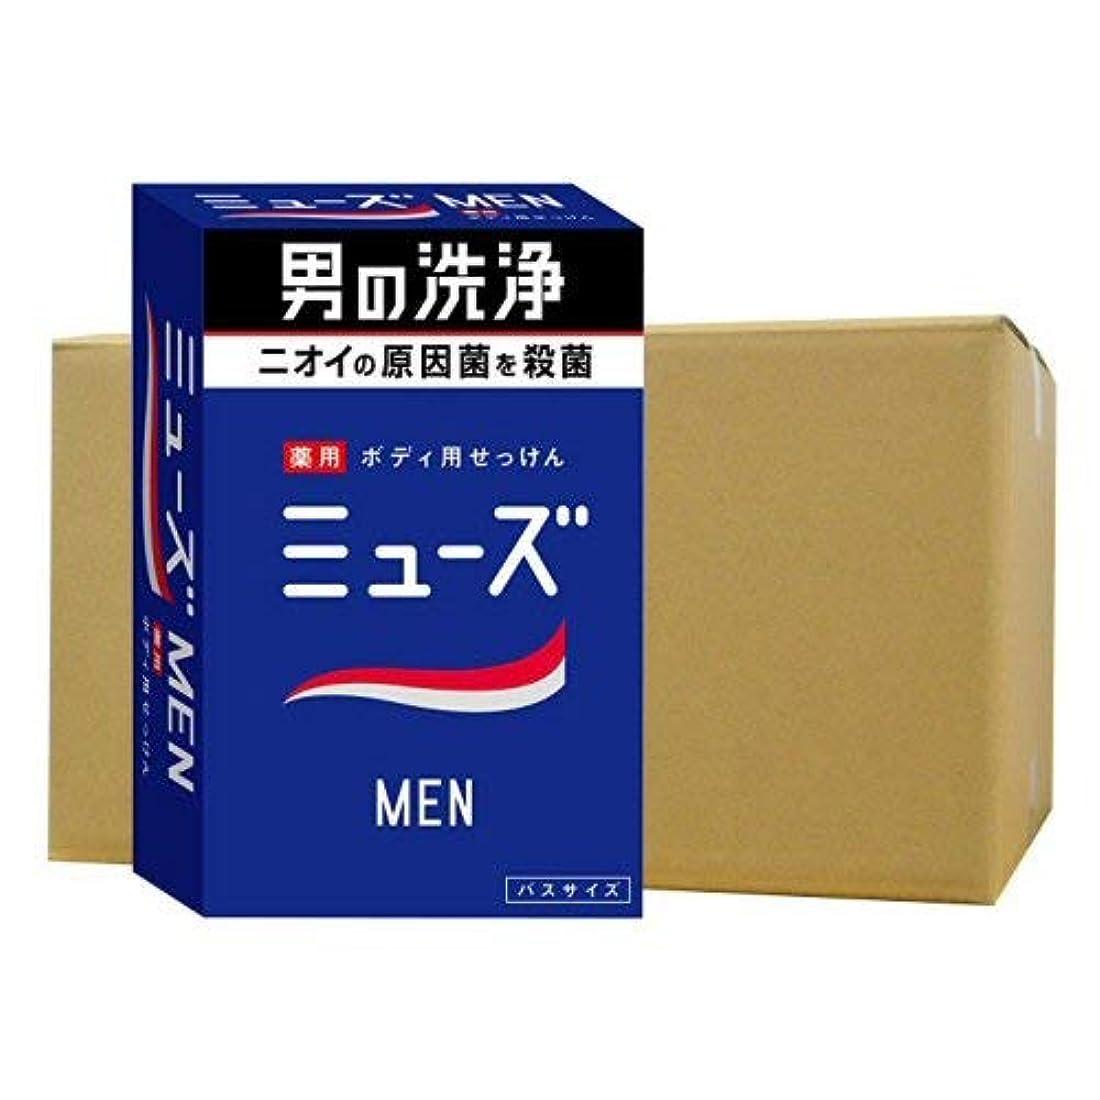 順応性のあるロック解除場所ミューズメン薬用石鹸 135g×24個セット